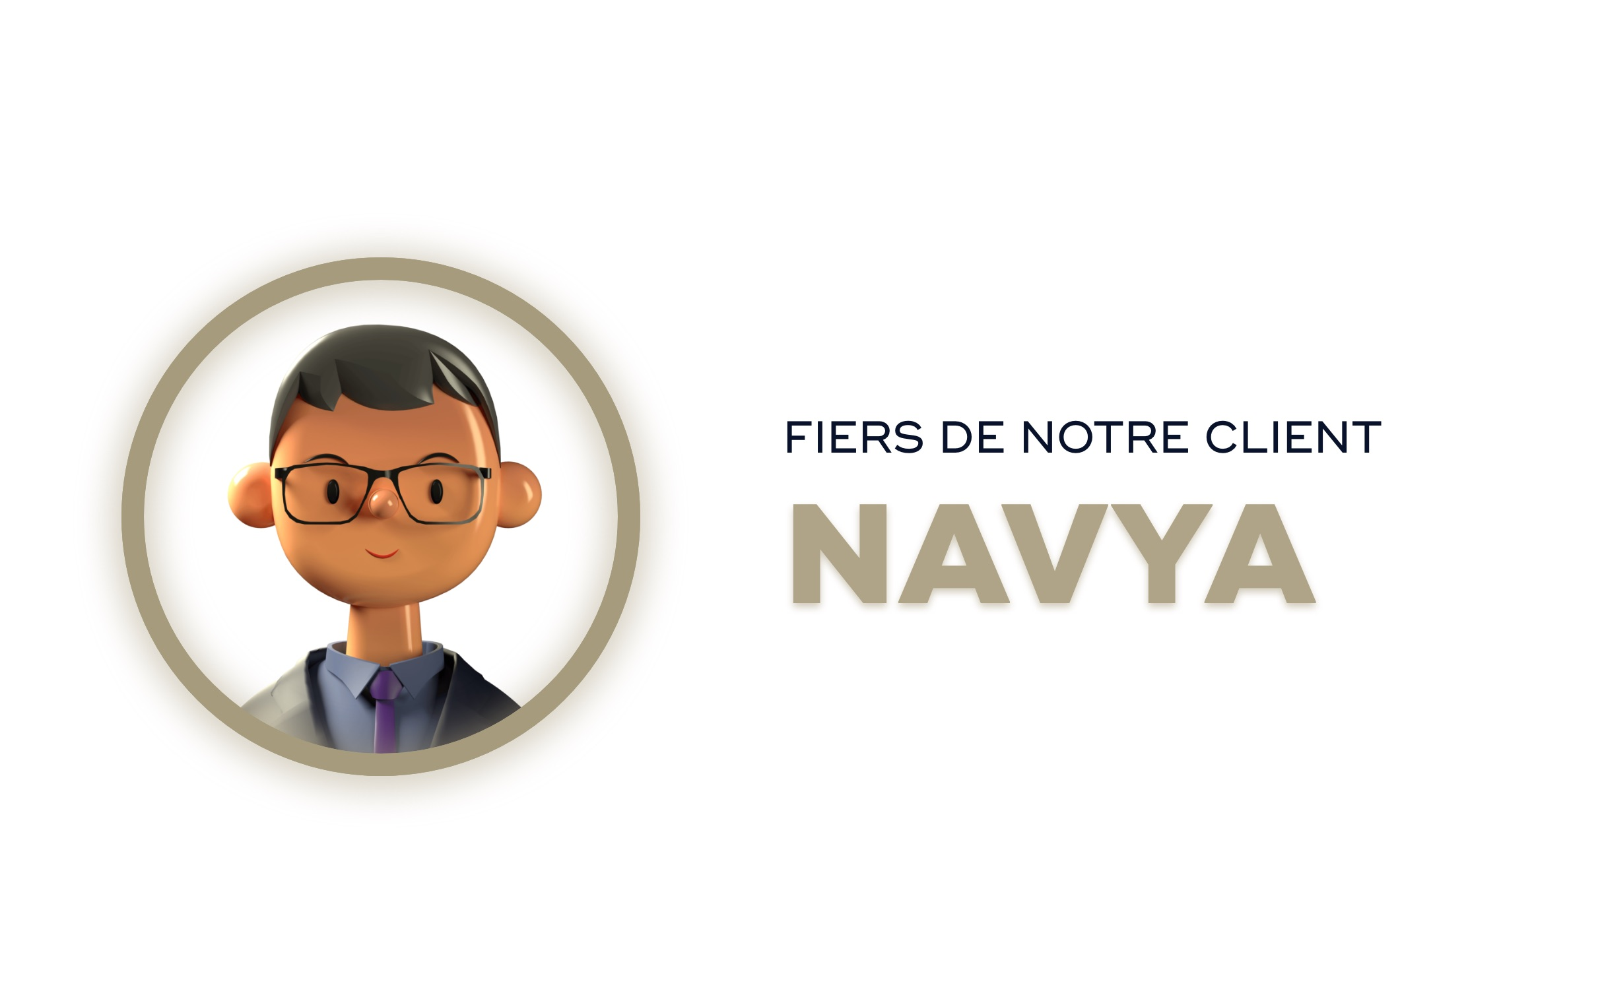 Fiers de notre client Navya